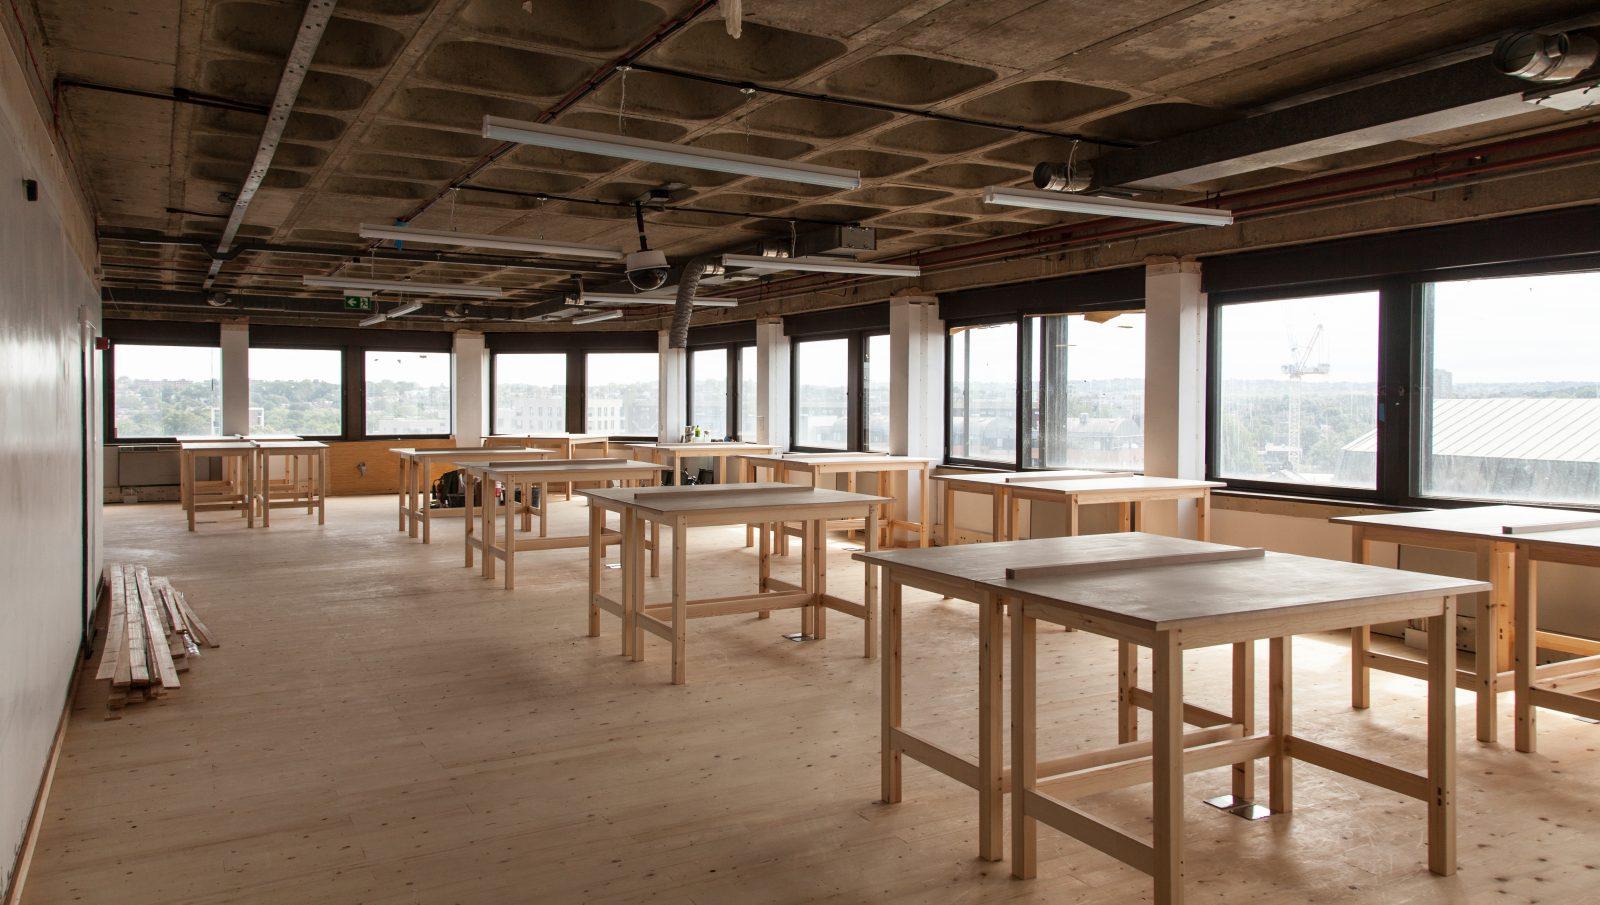 fabric-floor-0539_crop-1600x905.jpg